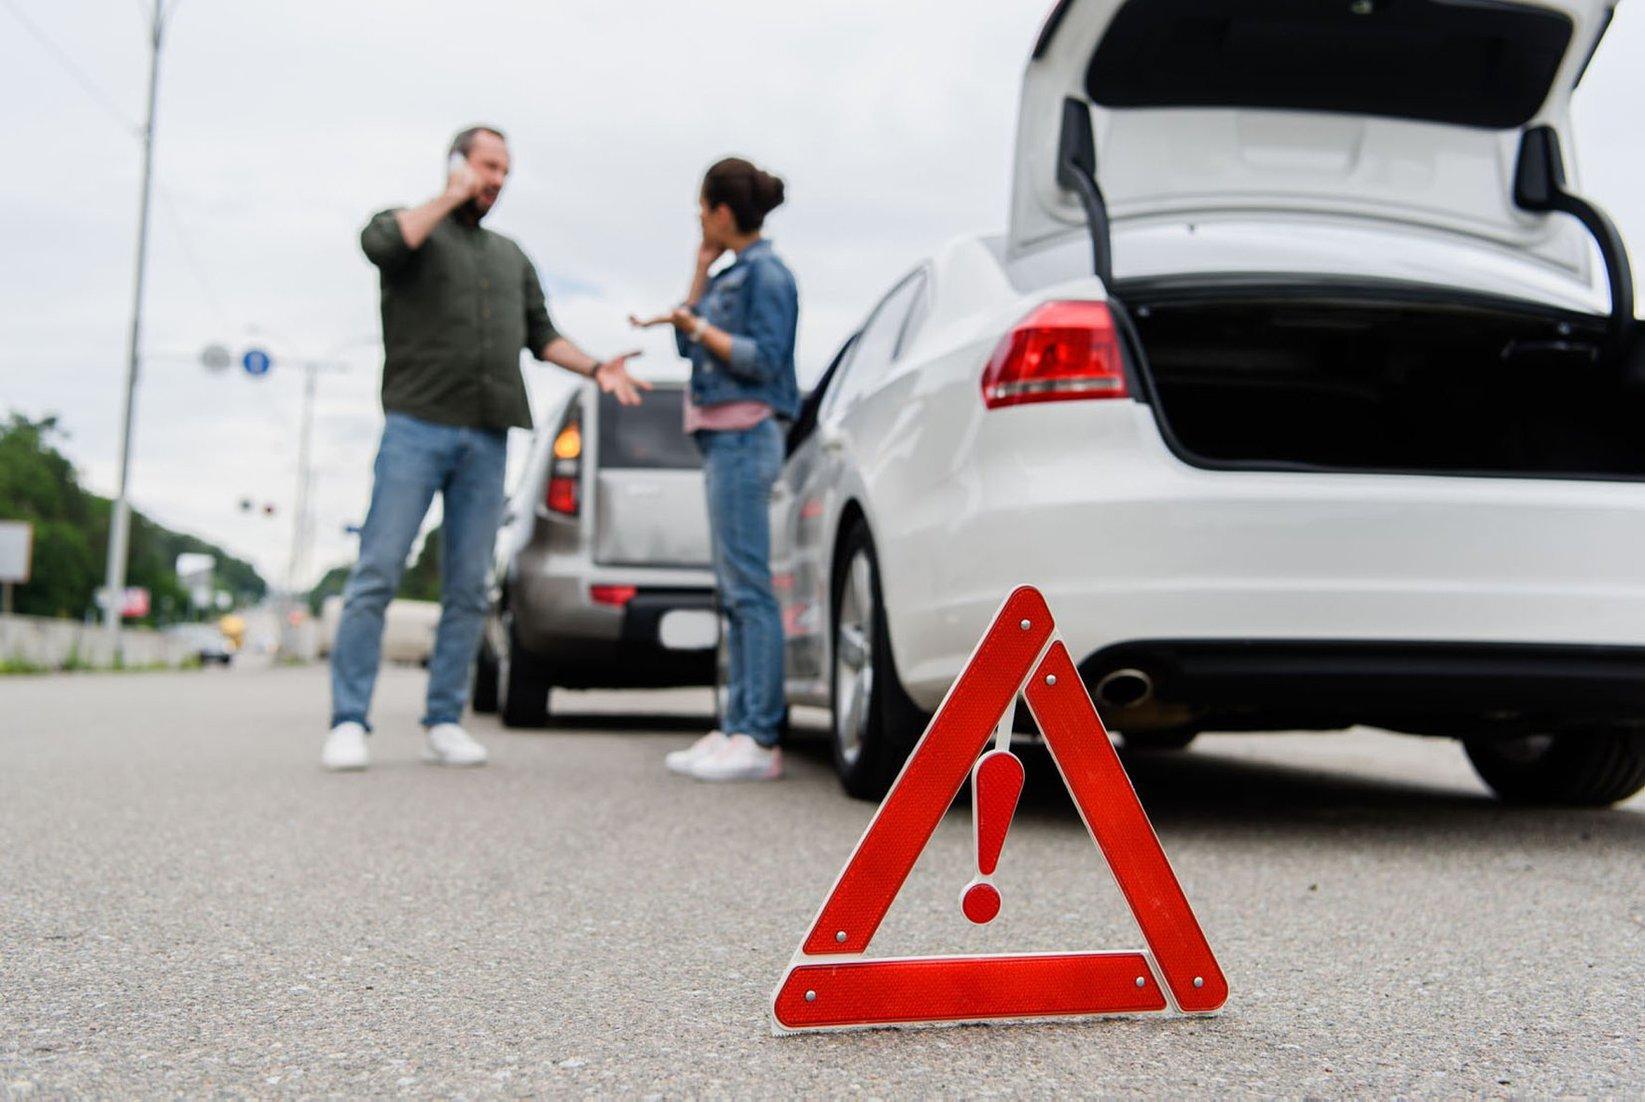 Wer auffährt, ist nicht immer grundsätzlich schuld am Unfall - den Vorausfahrenden kann unter Umständen ebenso eine Mitschuld treffen. FOTO: DJD/AUTO1 GROUP/PANTHERMEDIA/VITALIKRADKO